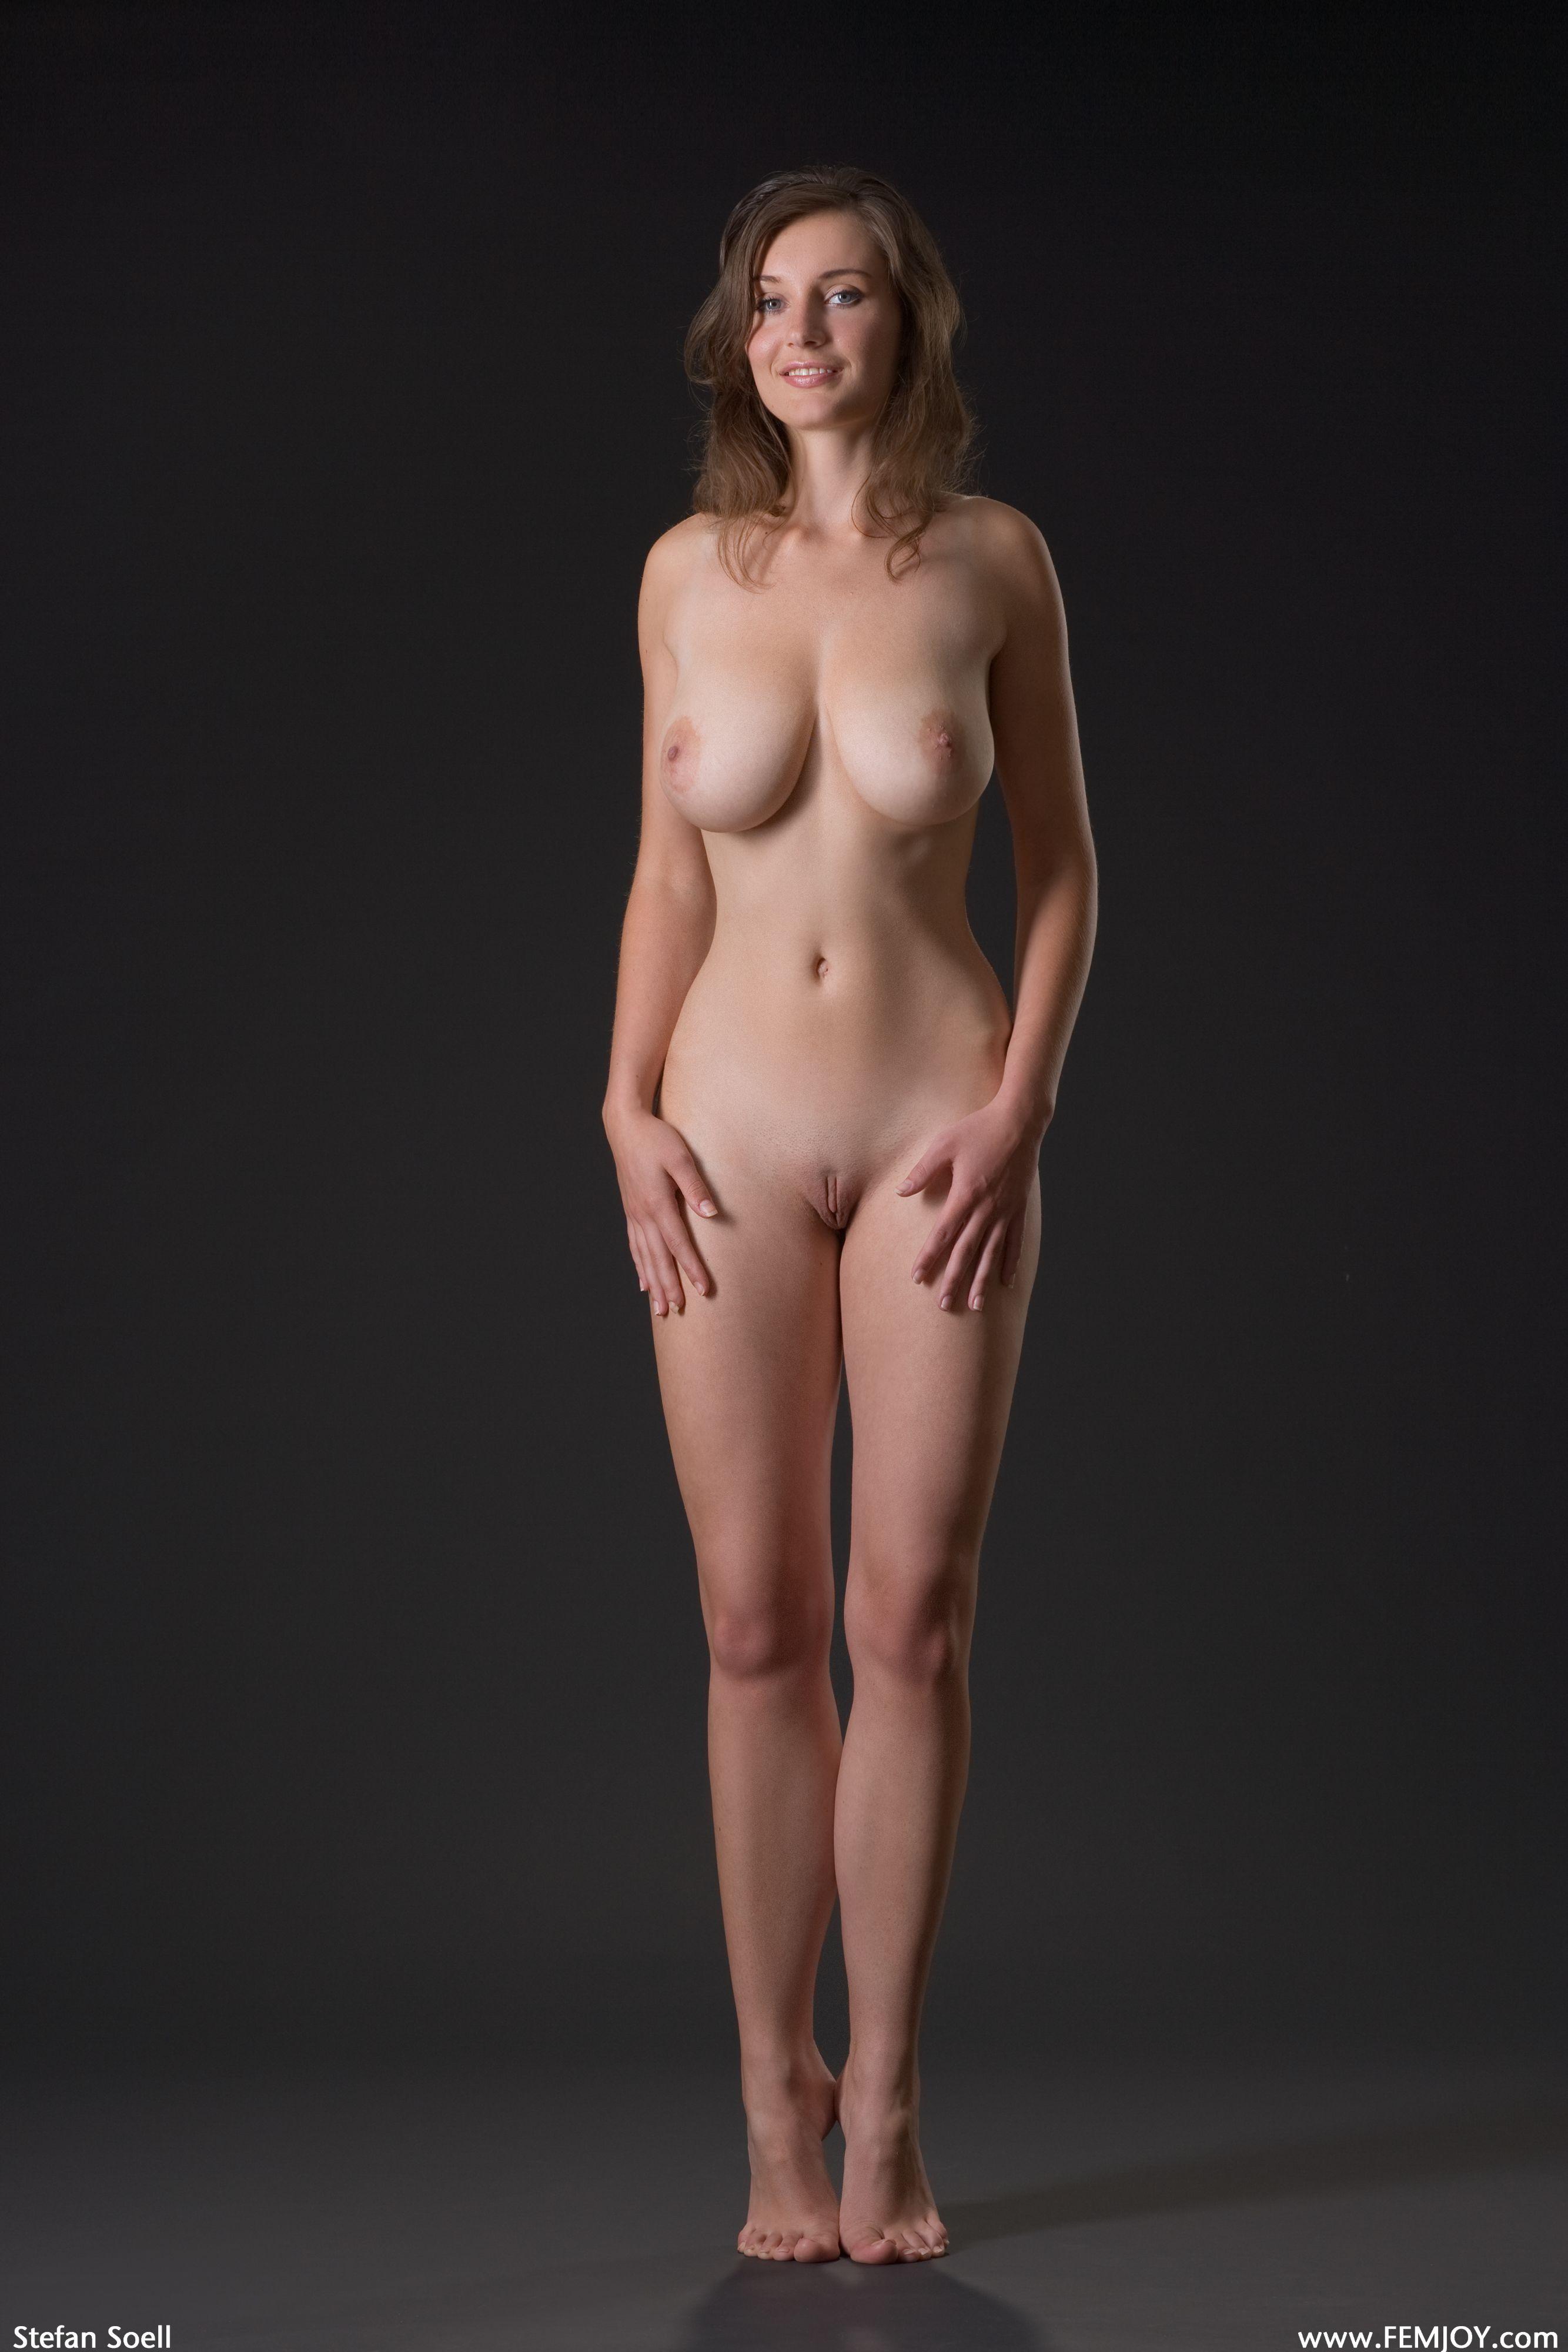 порно фото девушек женщин в полный рост бесплатно безригистрации